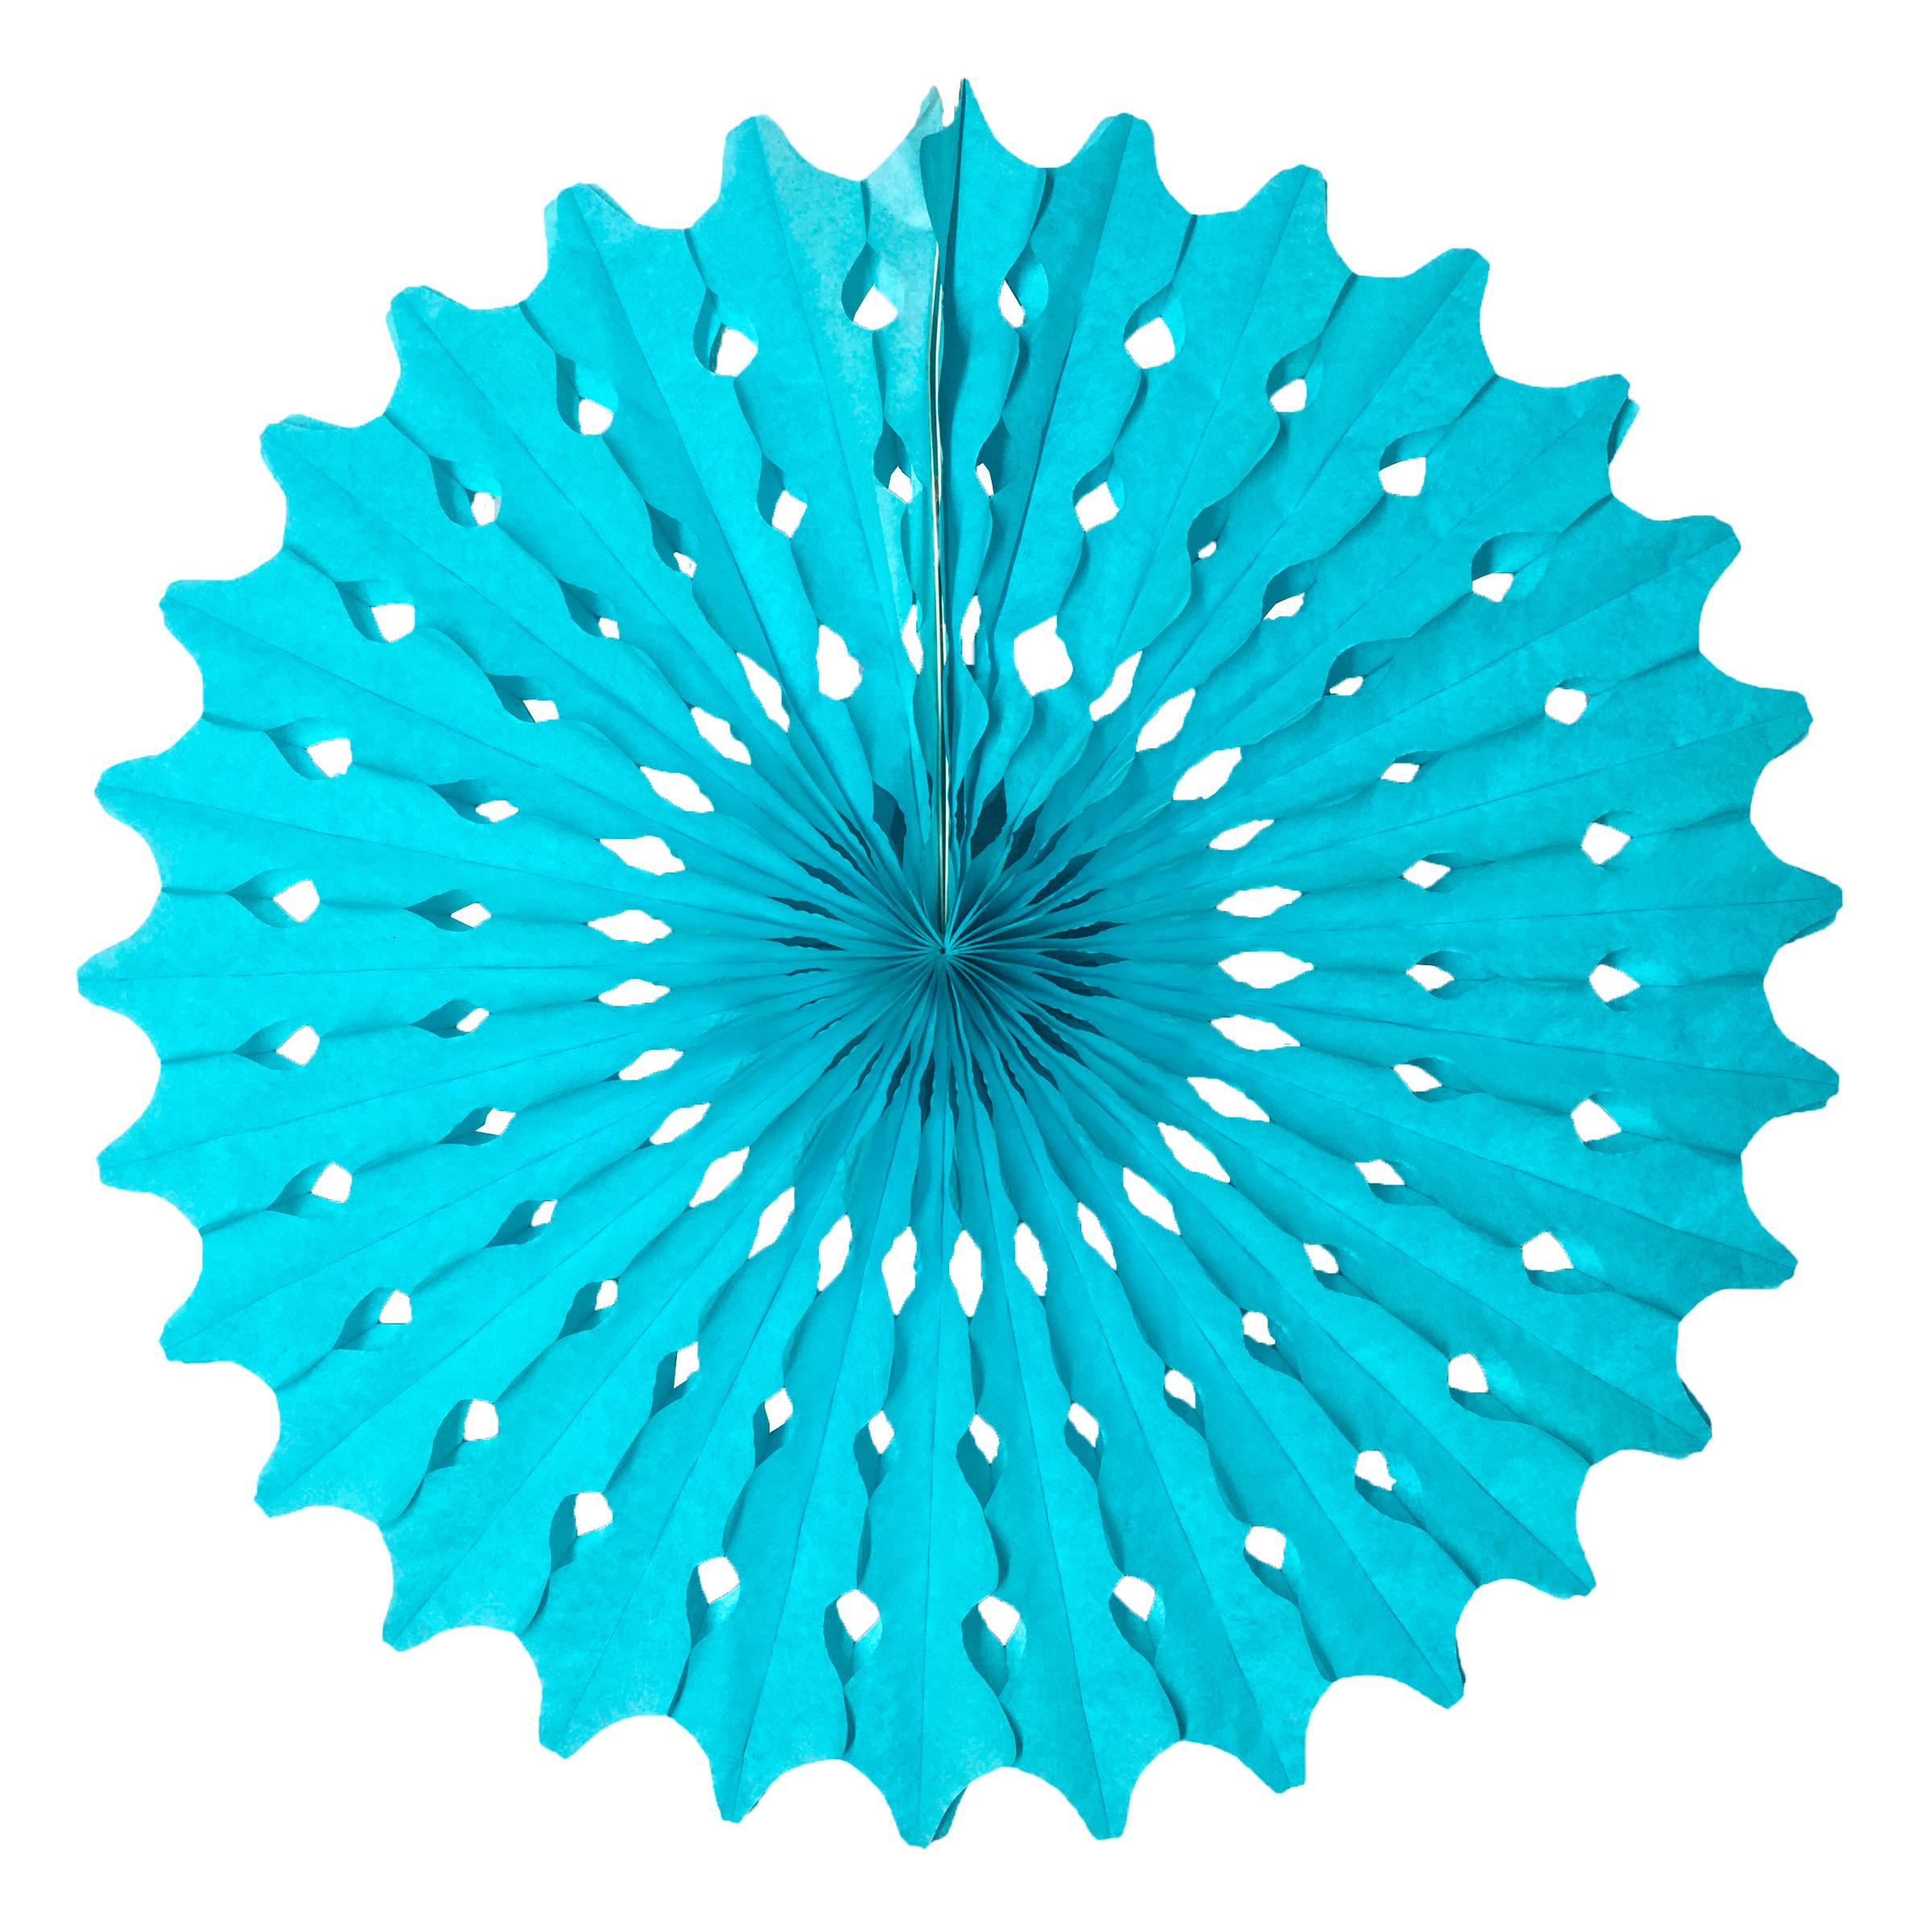 Guirlanda Redonda Azul Tiffany 500 mm